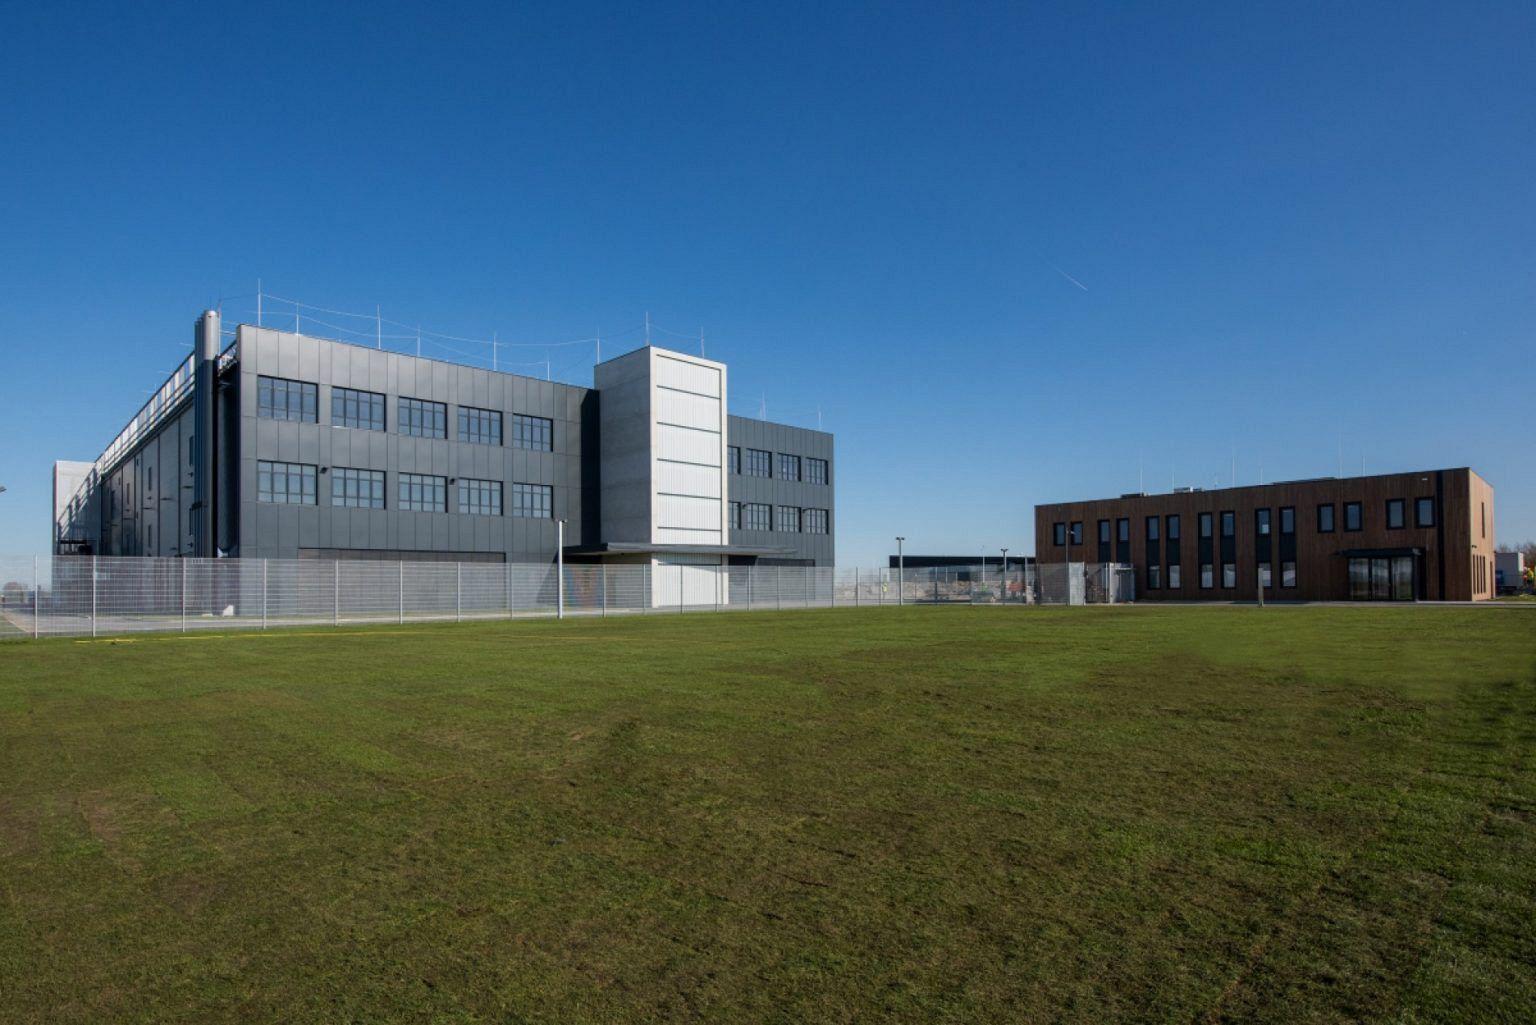 NTT data center Amsterdam